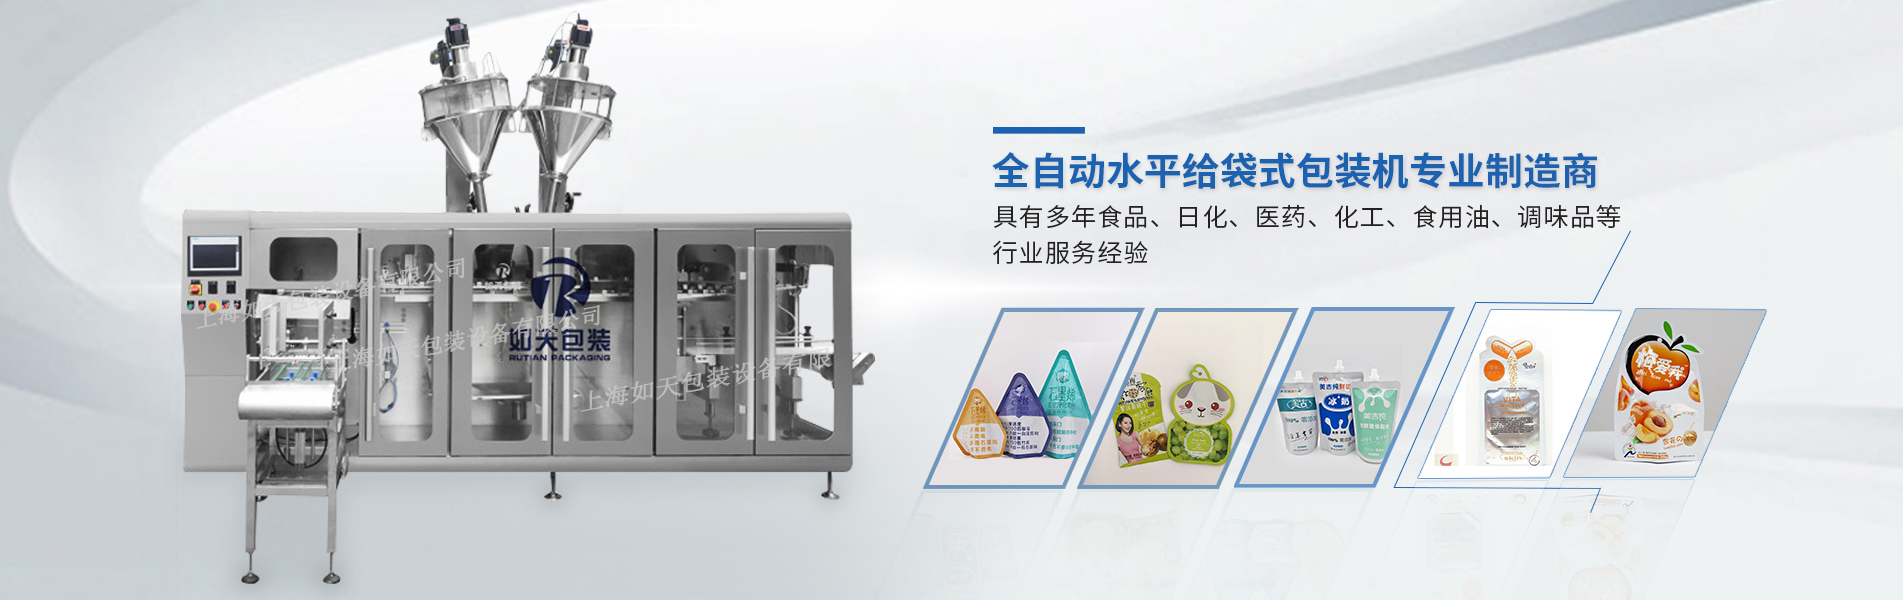 上海如天包装设备有限公∑司